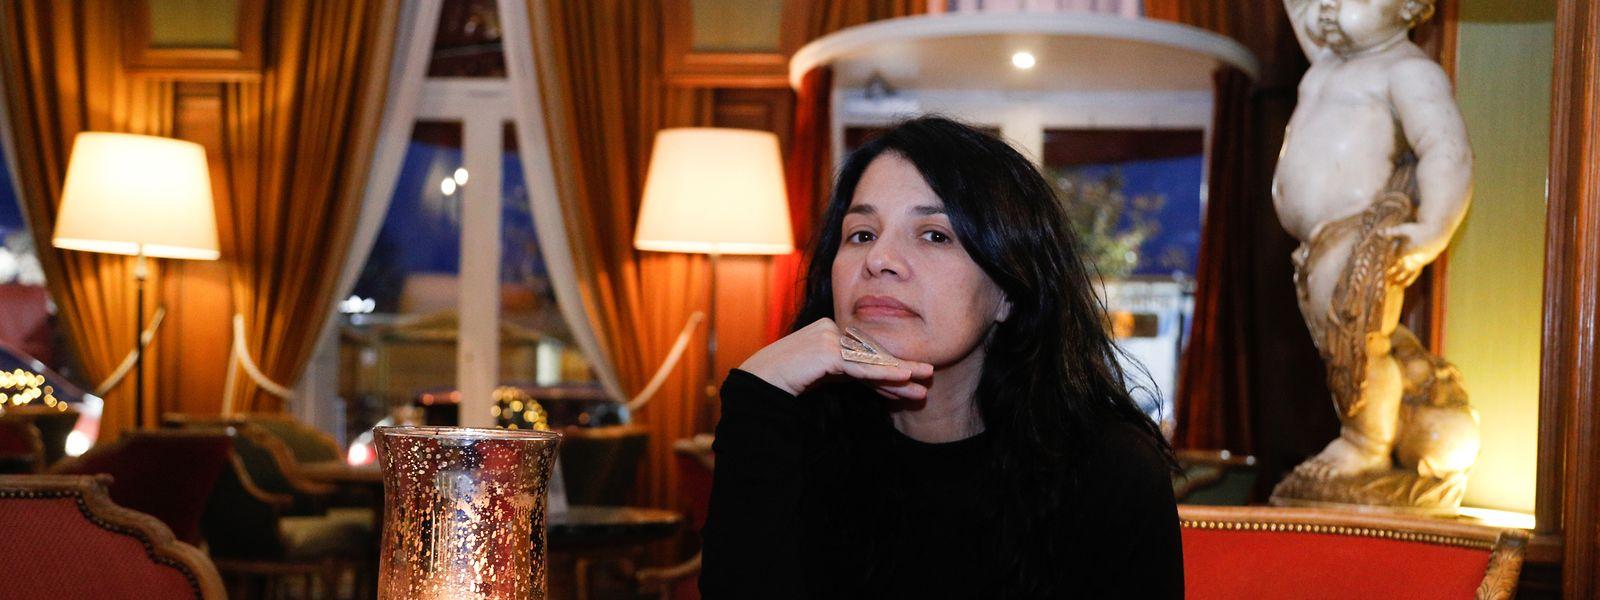 Teona Strugar Mitevska stellte ihren Film auch in Luxemburg vor.